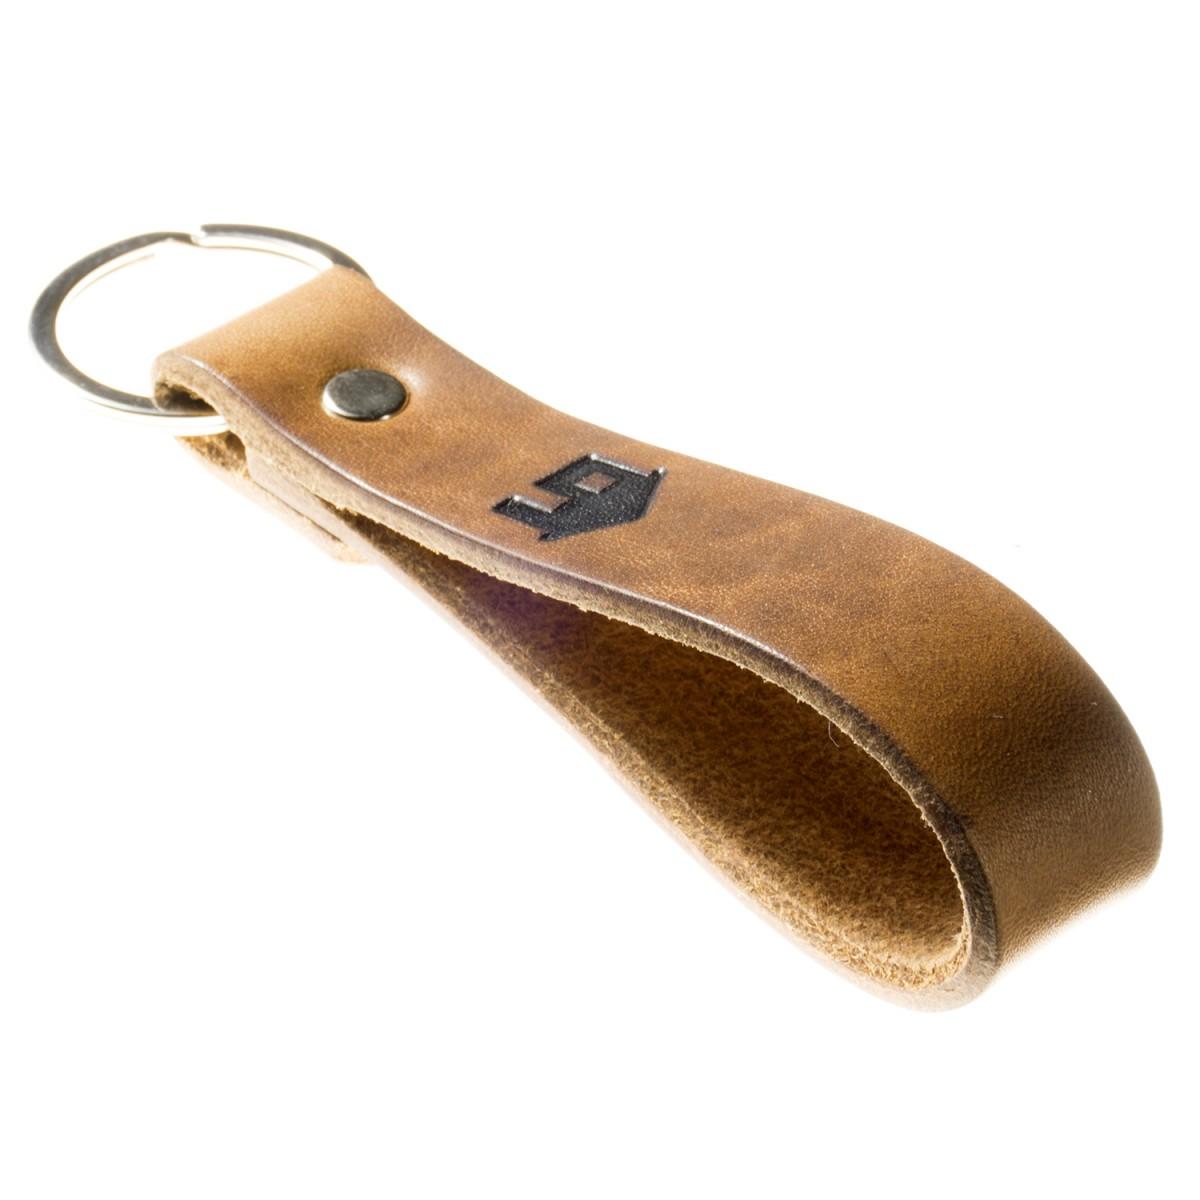 Schlüsselanhänger Haustürschlüssel pflanzlich gegerbtes Leder Handmade in Germany mit Gravur/Prägung (Haus - Symbol)